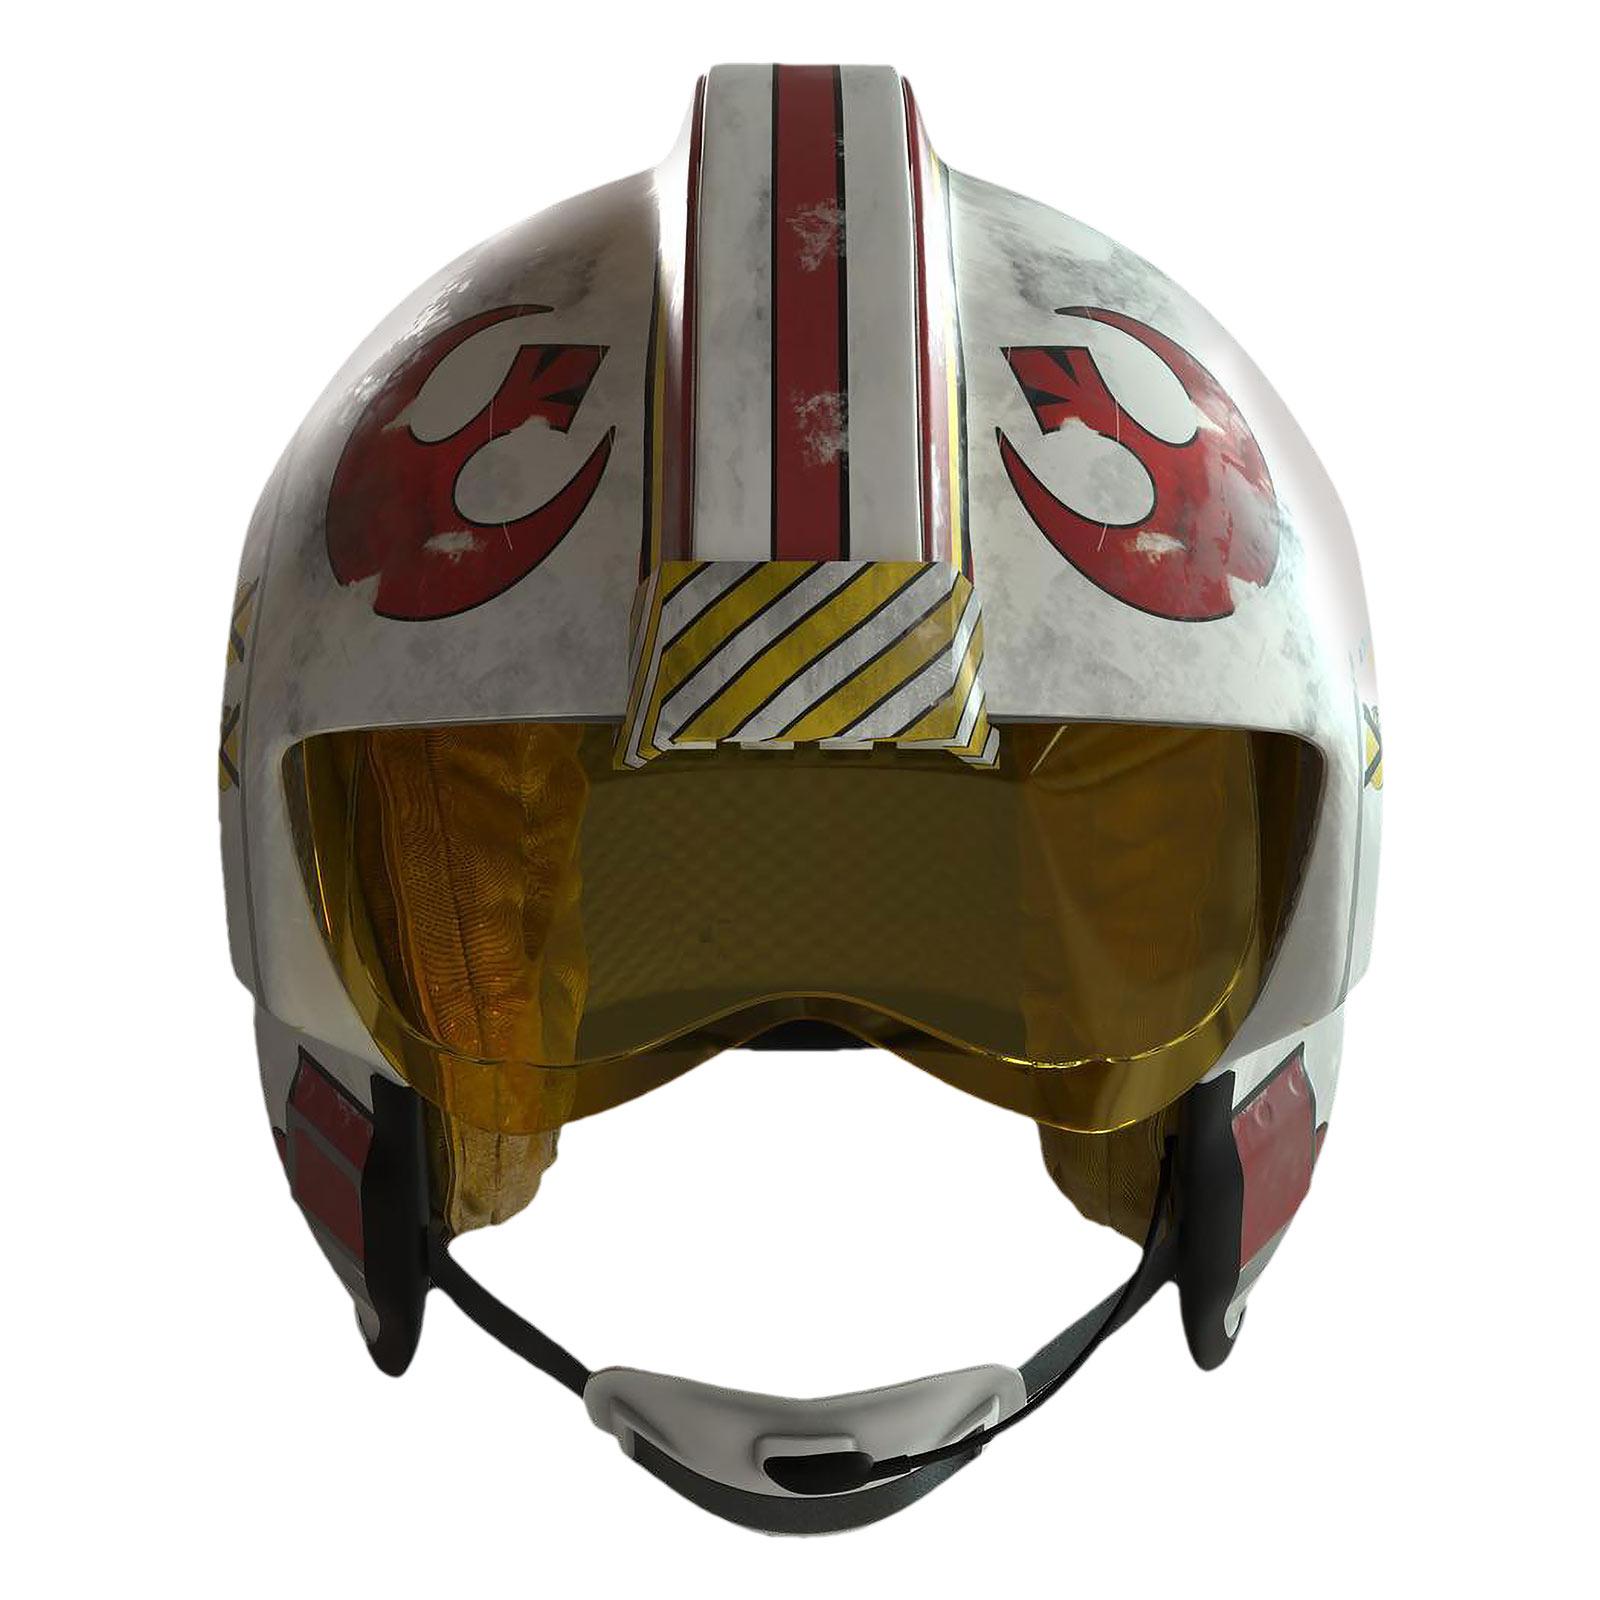 Star Wars - Luke Skywalker Helm Replik mit Licht- und Soundeffekten